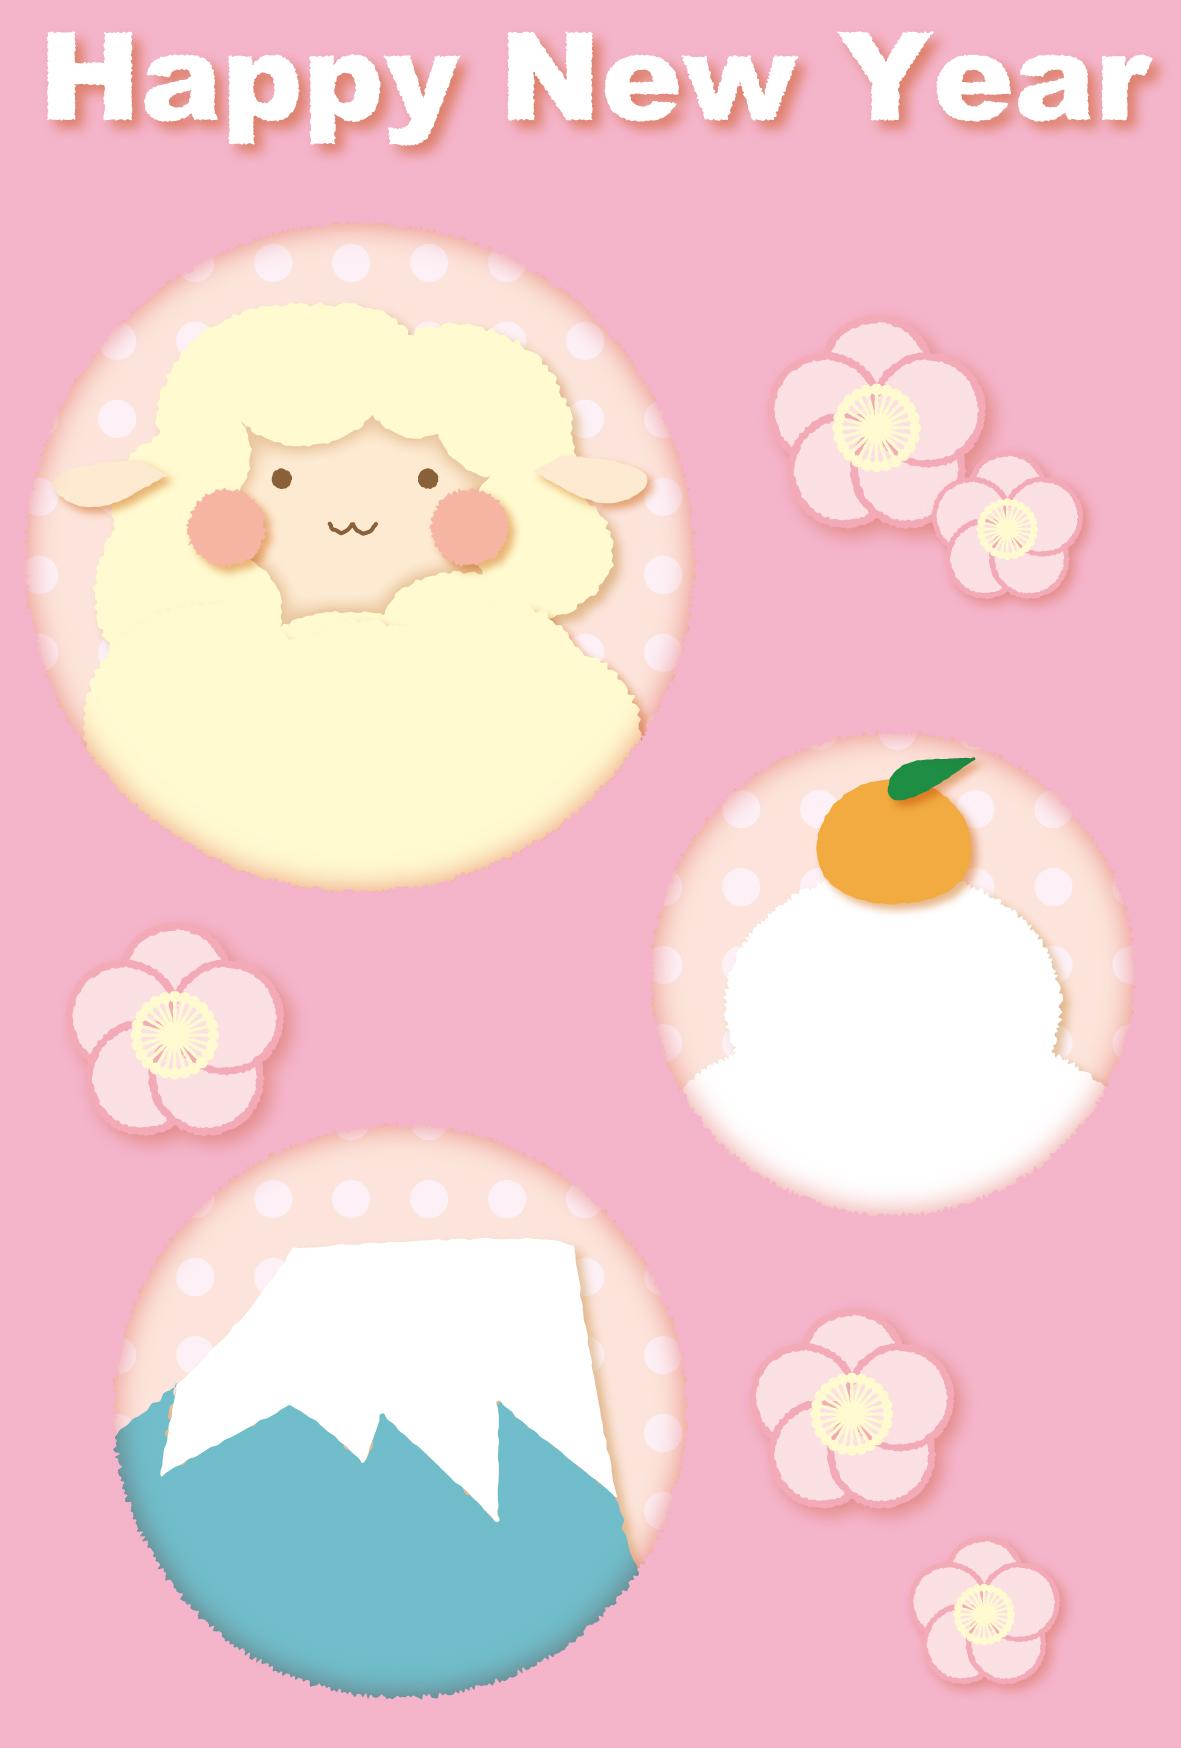 画像 : 可愛い 年賀状 羊 2015 ... : 年賀 ひつじ : すべての講義